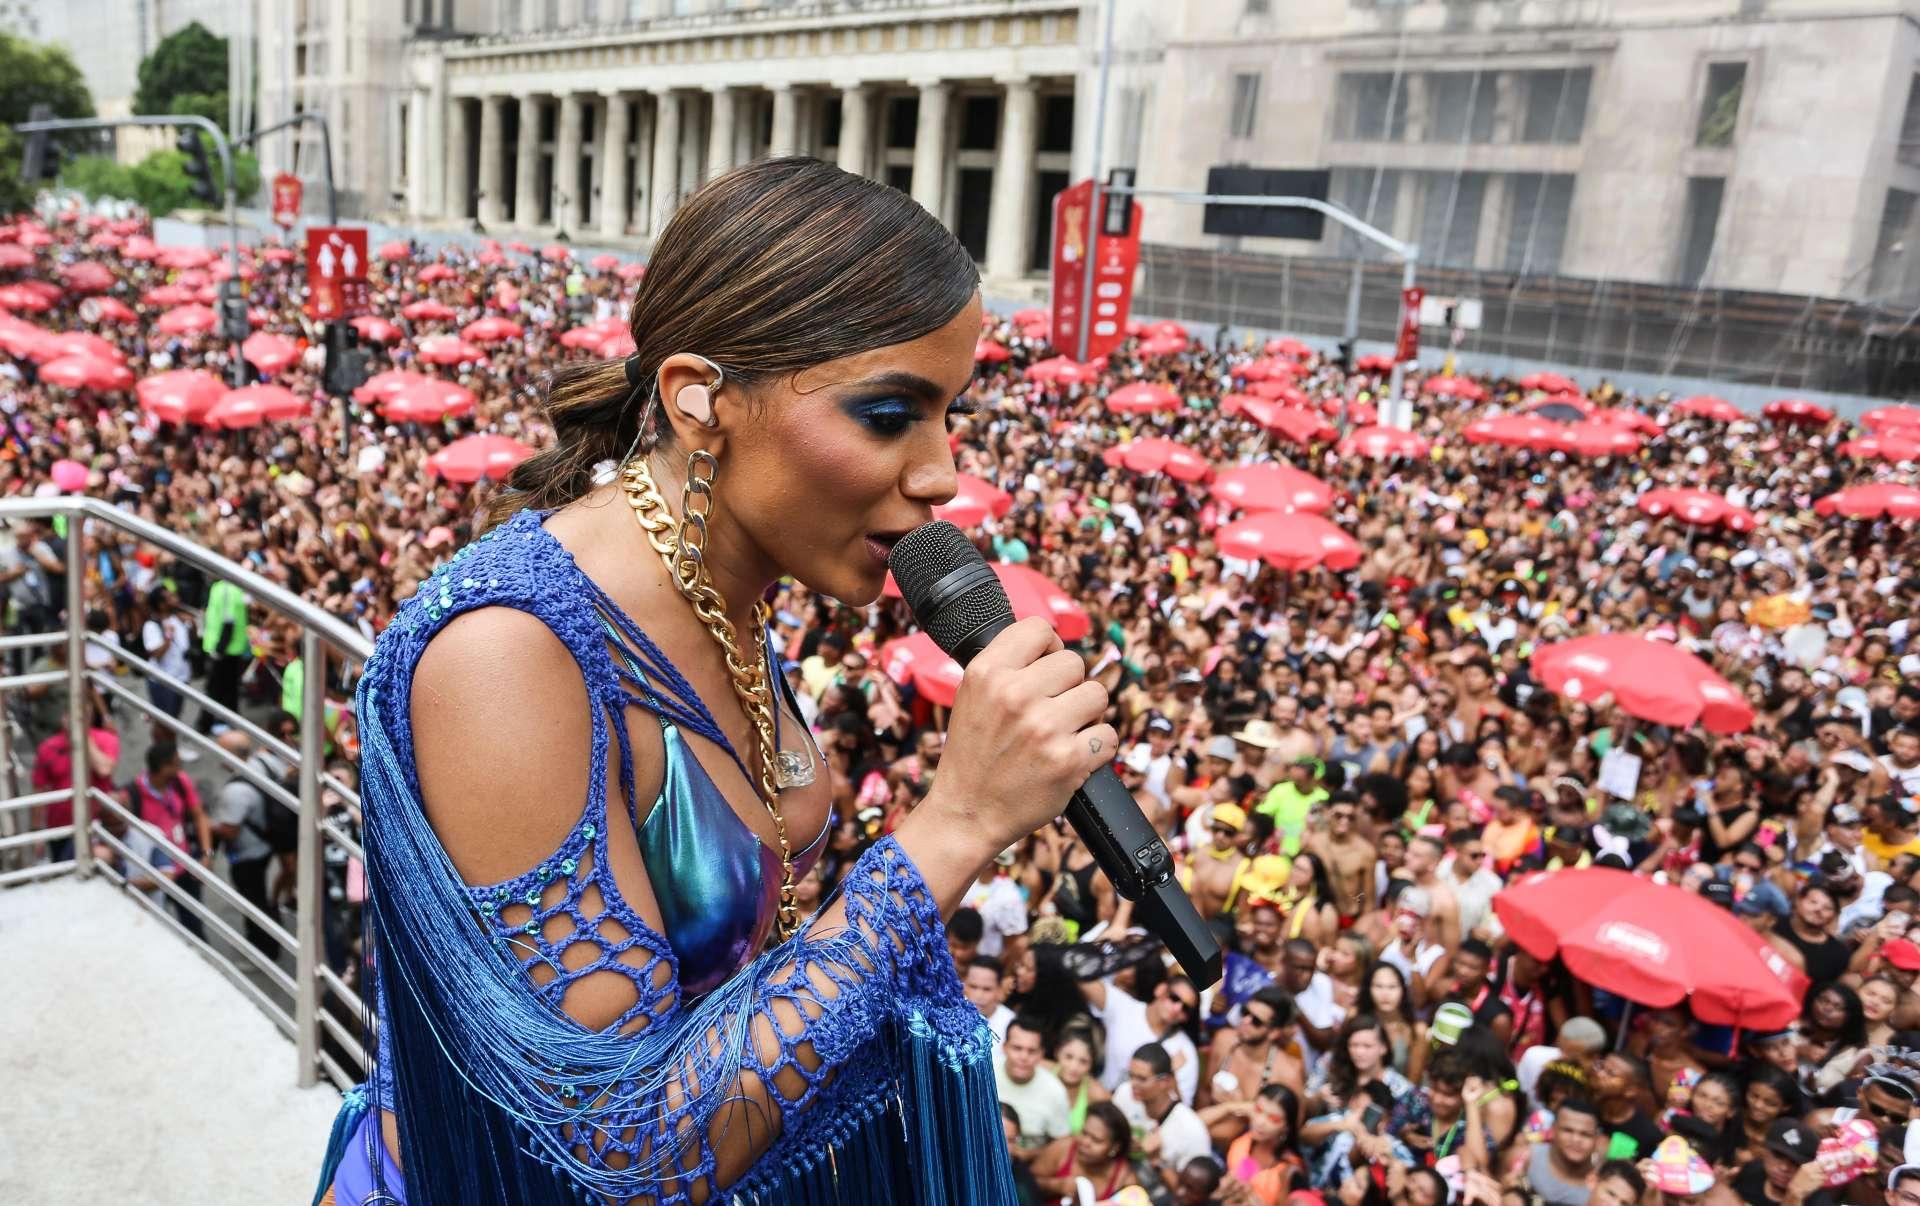 Bloco da Anitta fez a alegria de foliões no Centro: quase 400 mil pessoas. Foto: Fernando Maia / Riotur